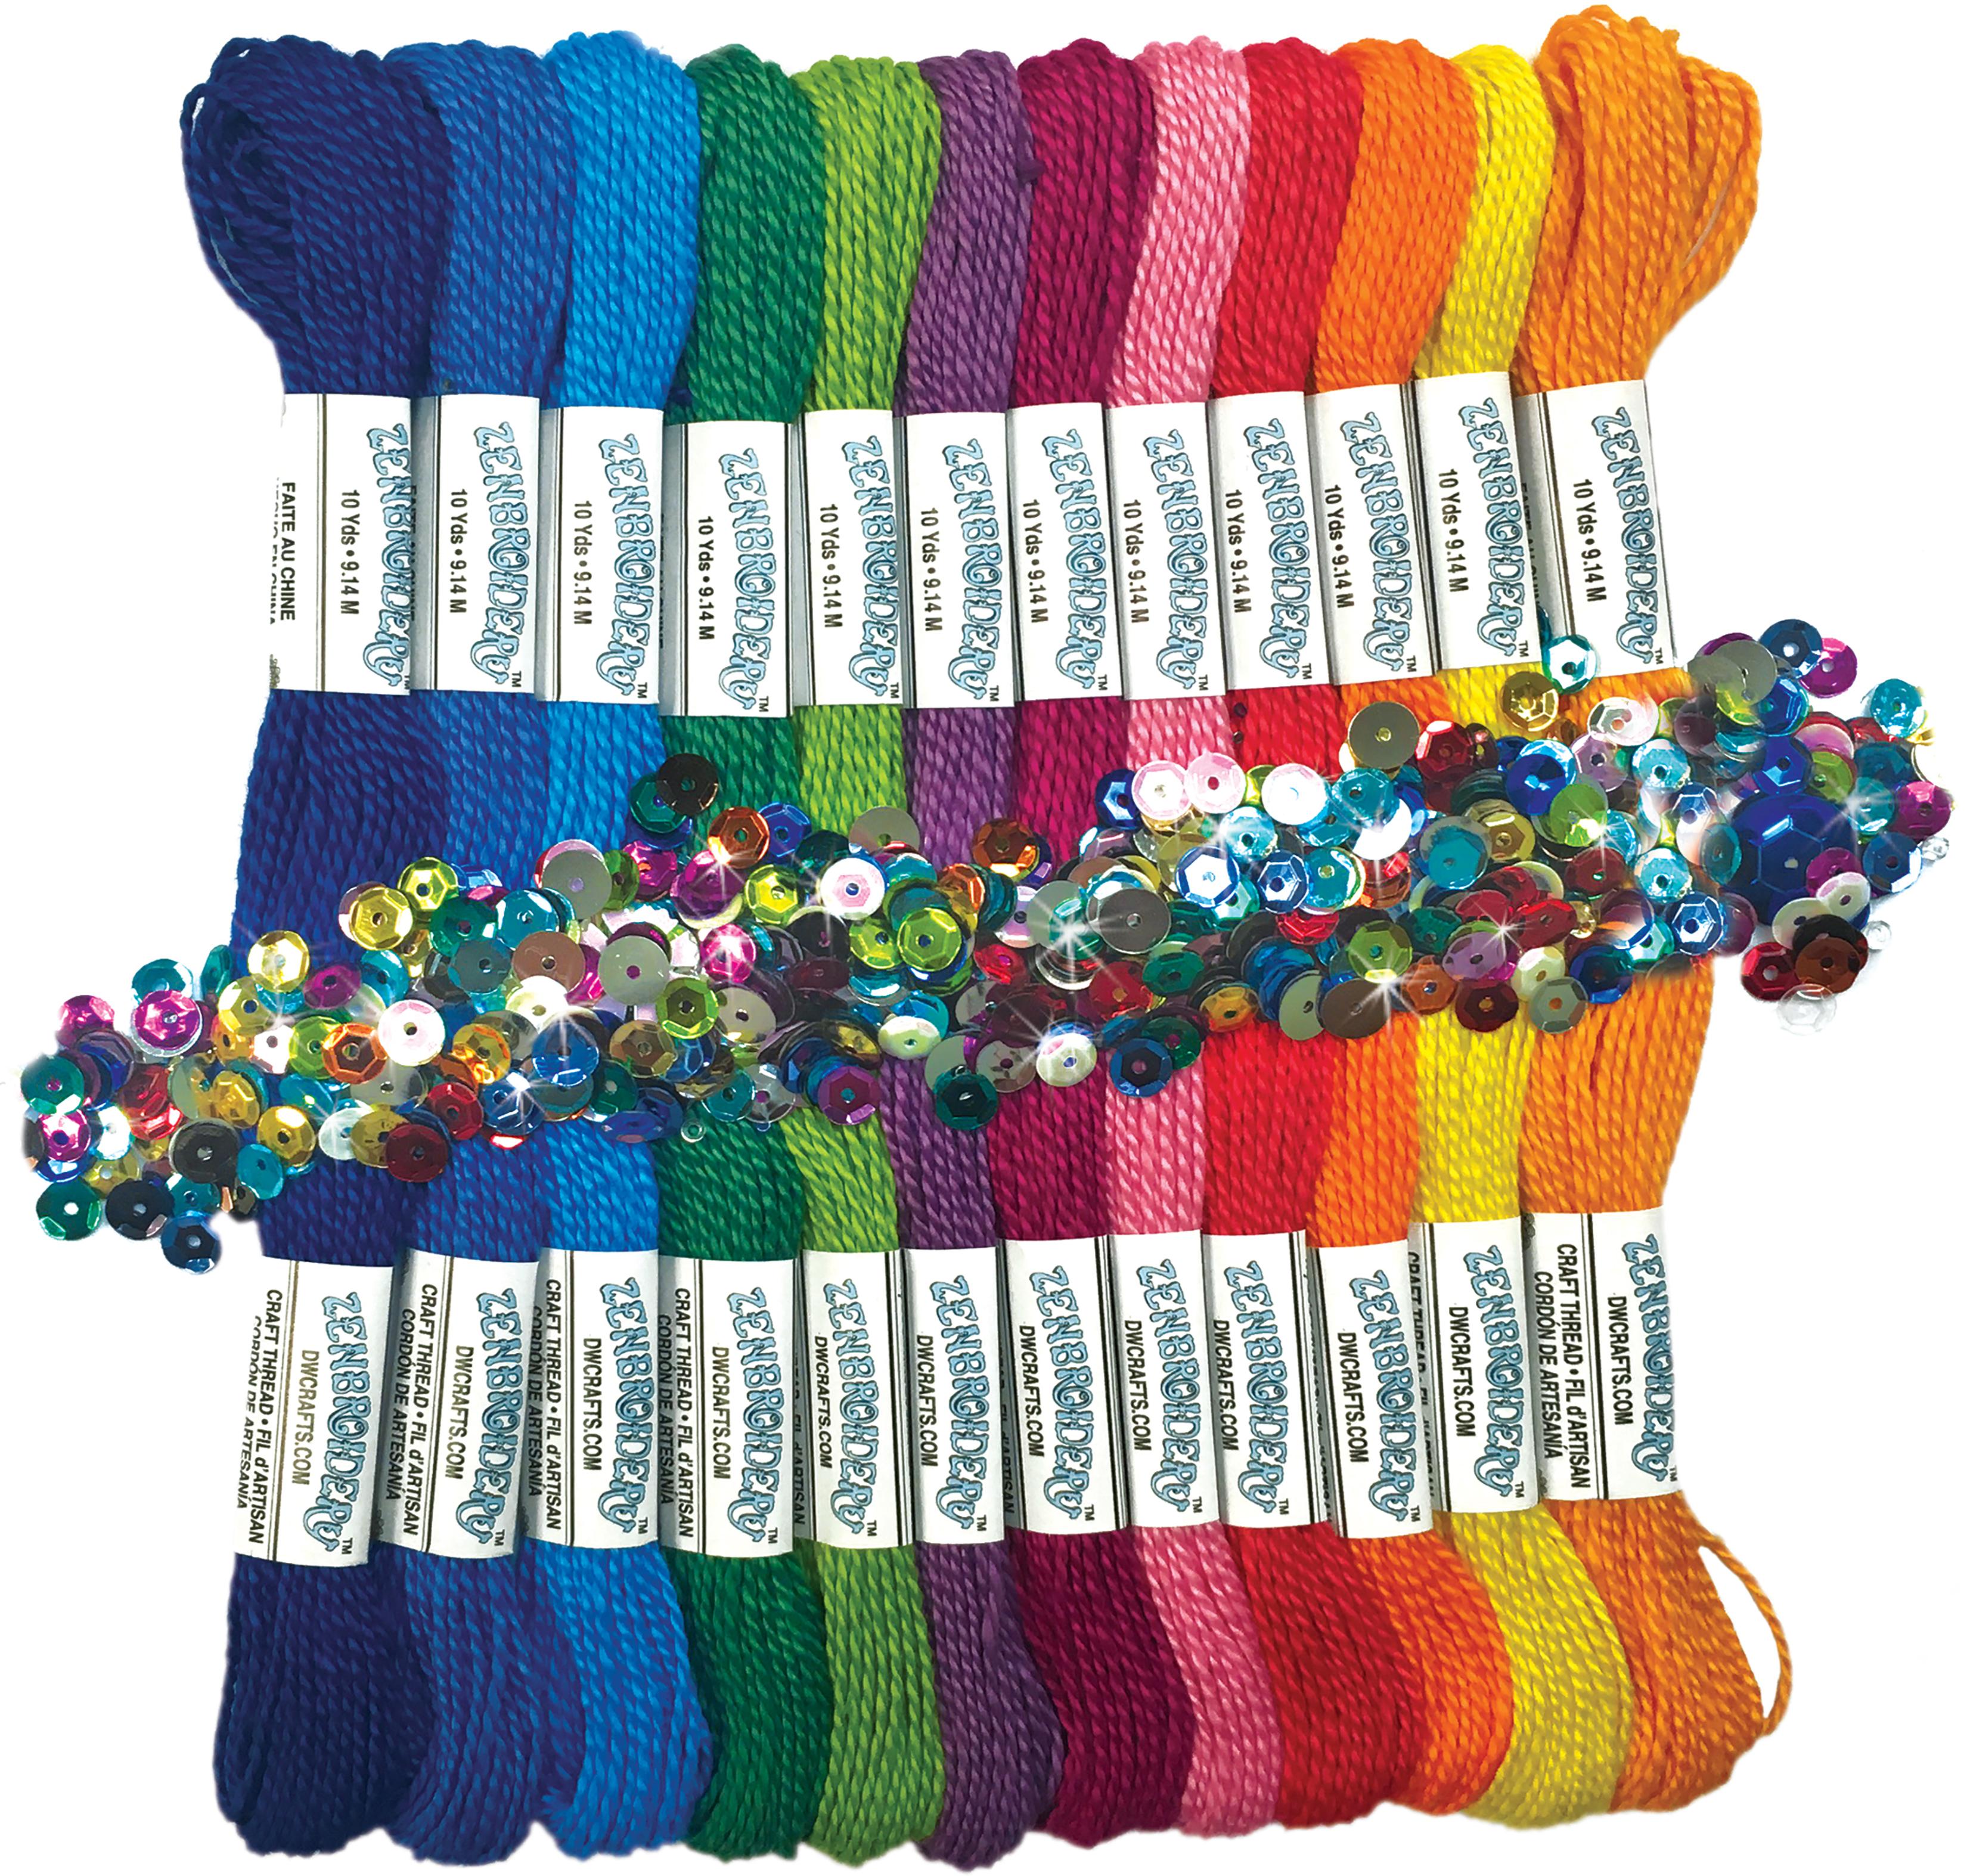 Design Works/Zenbroidery Stitching Trim Pack 12/Pkg-Rainbow